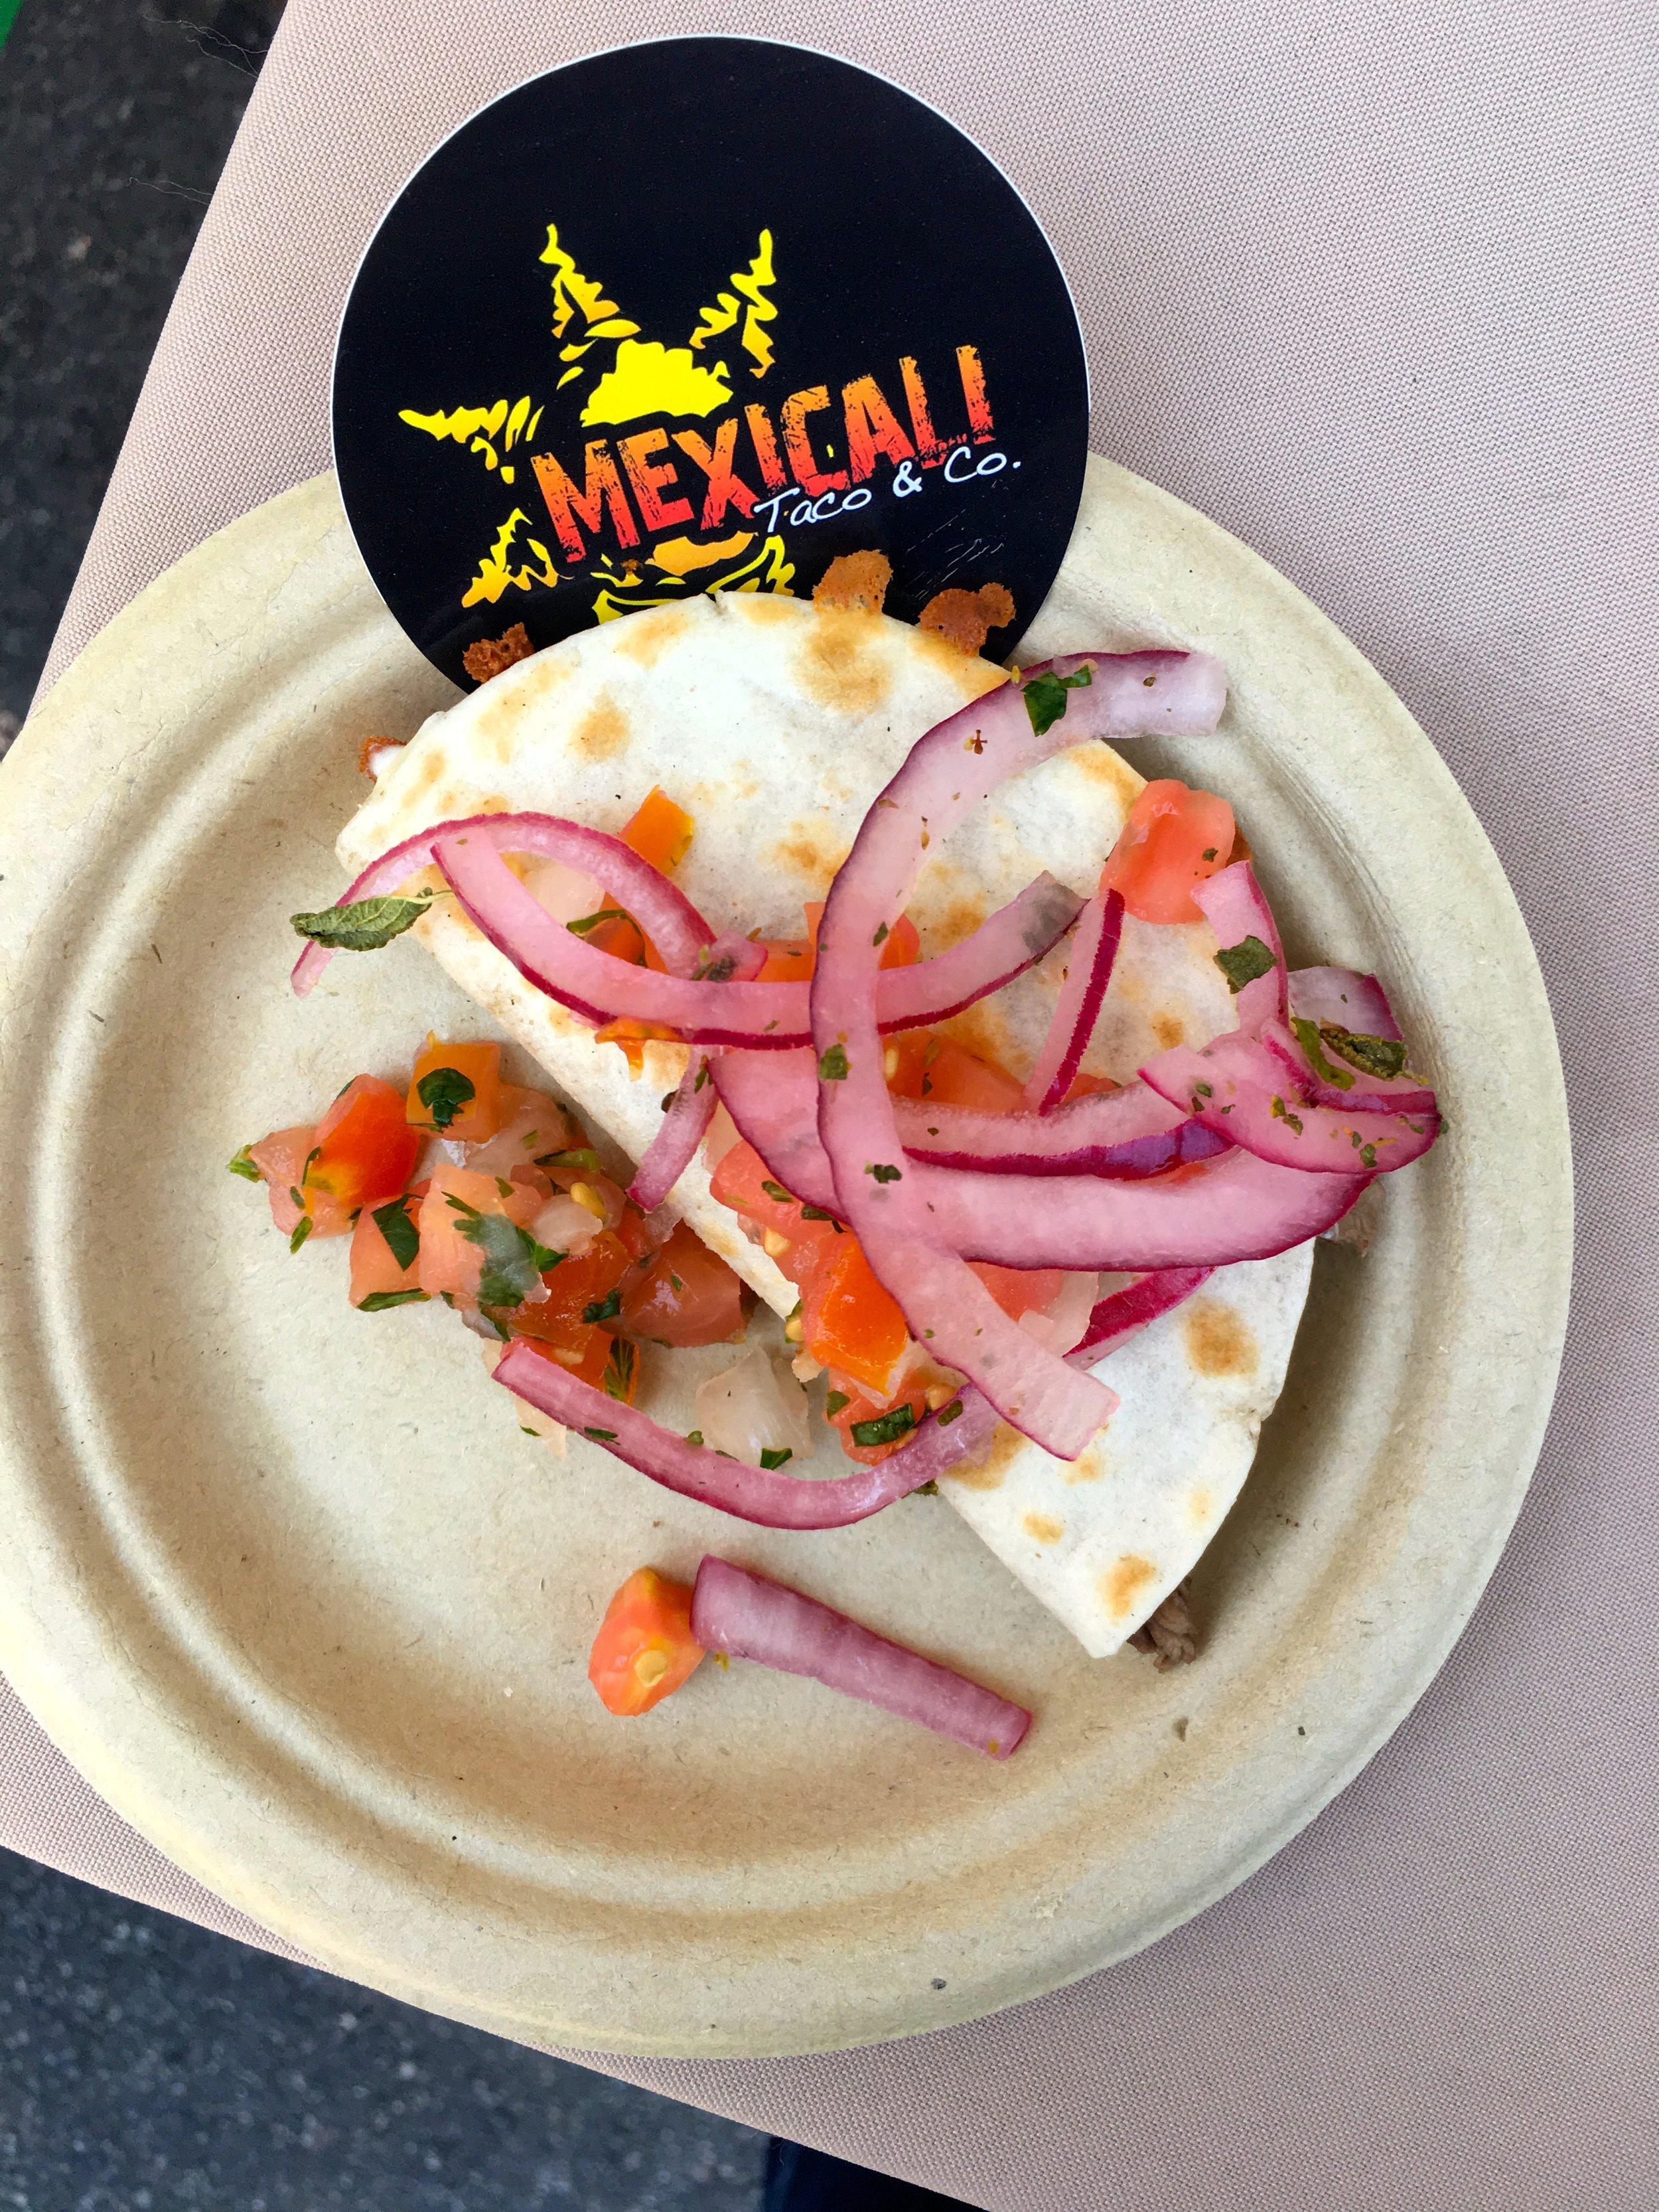 Carne Asada Quesadilla. Mexicali Taco Co.